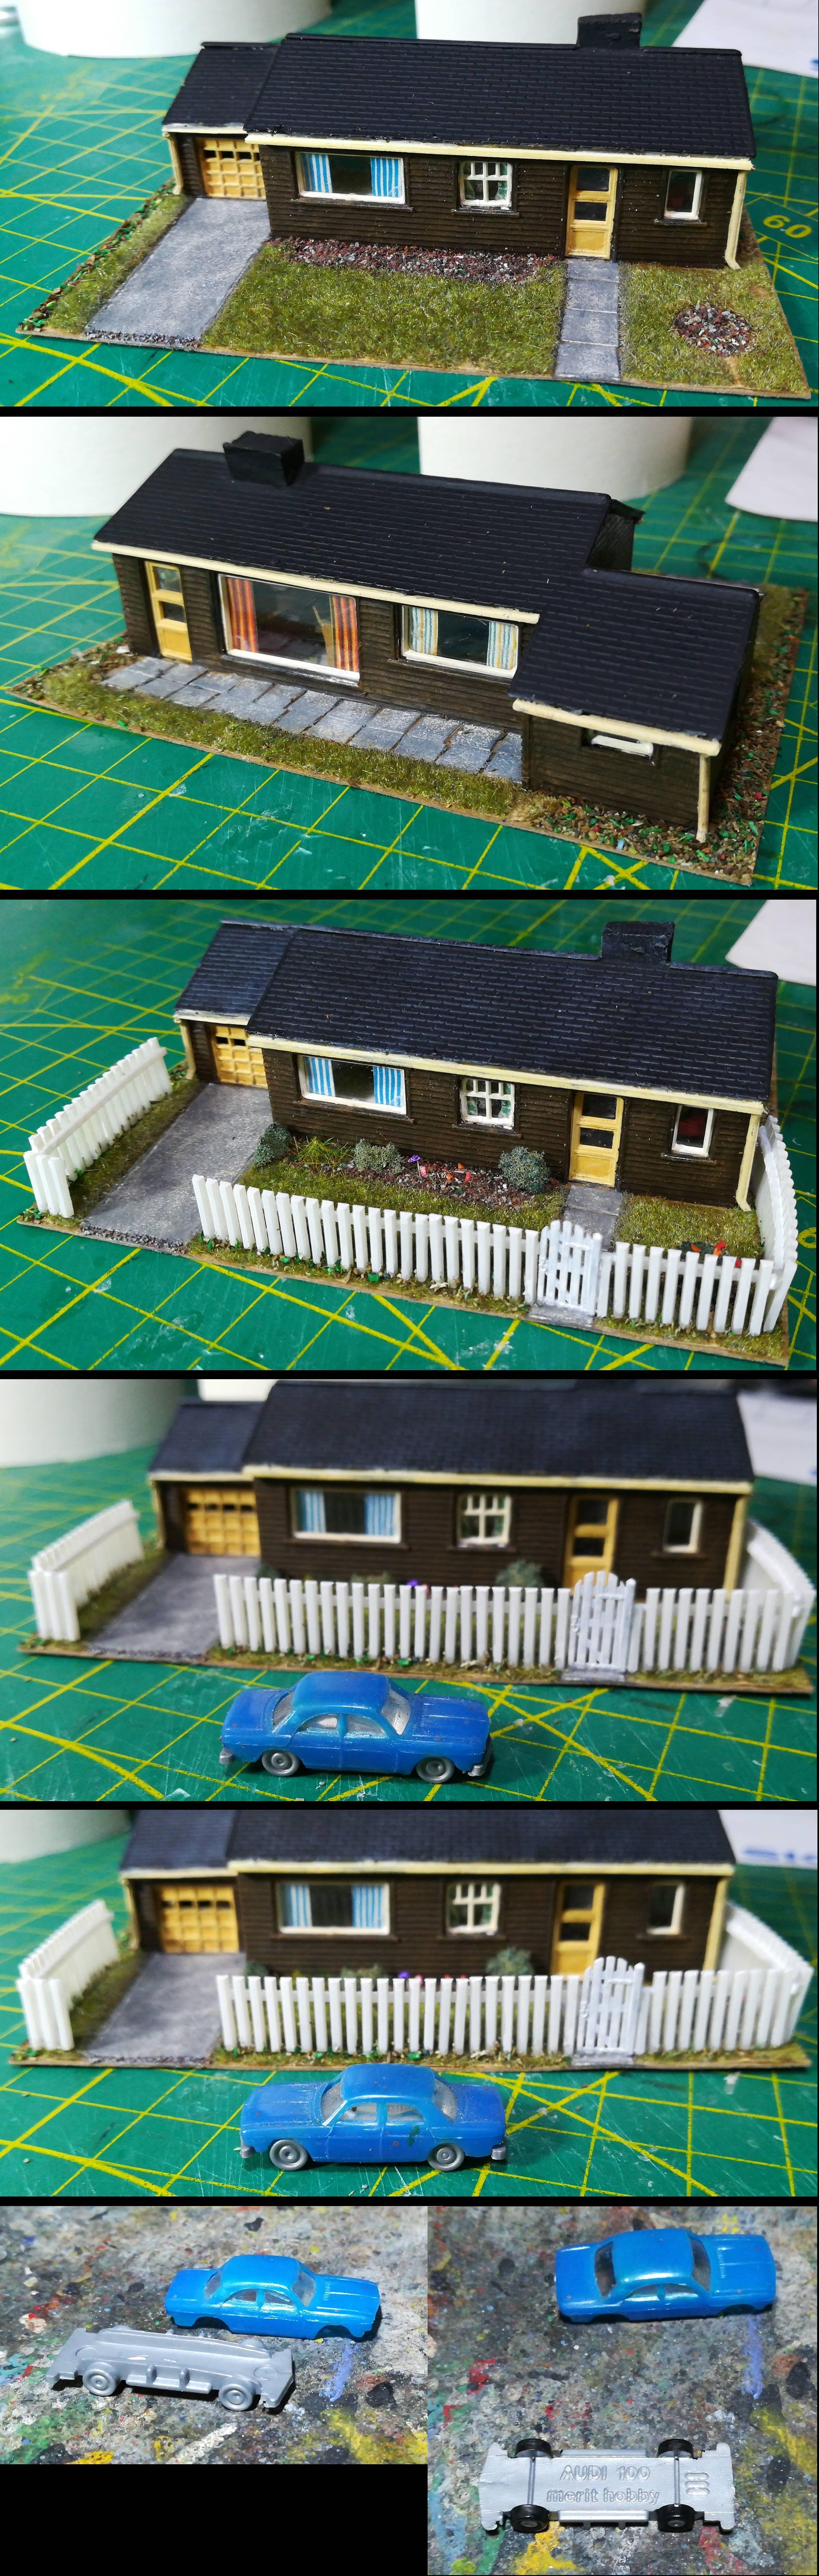 House, Modern, N Scale, Railroad